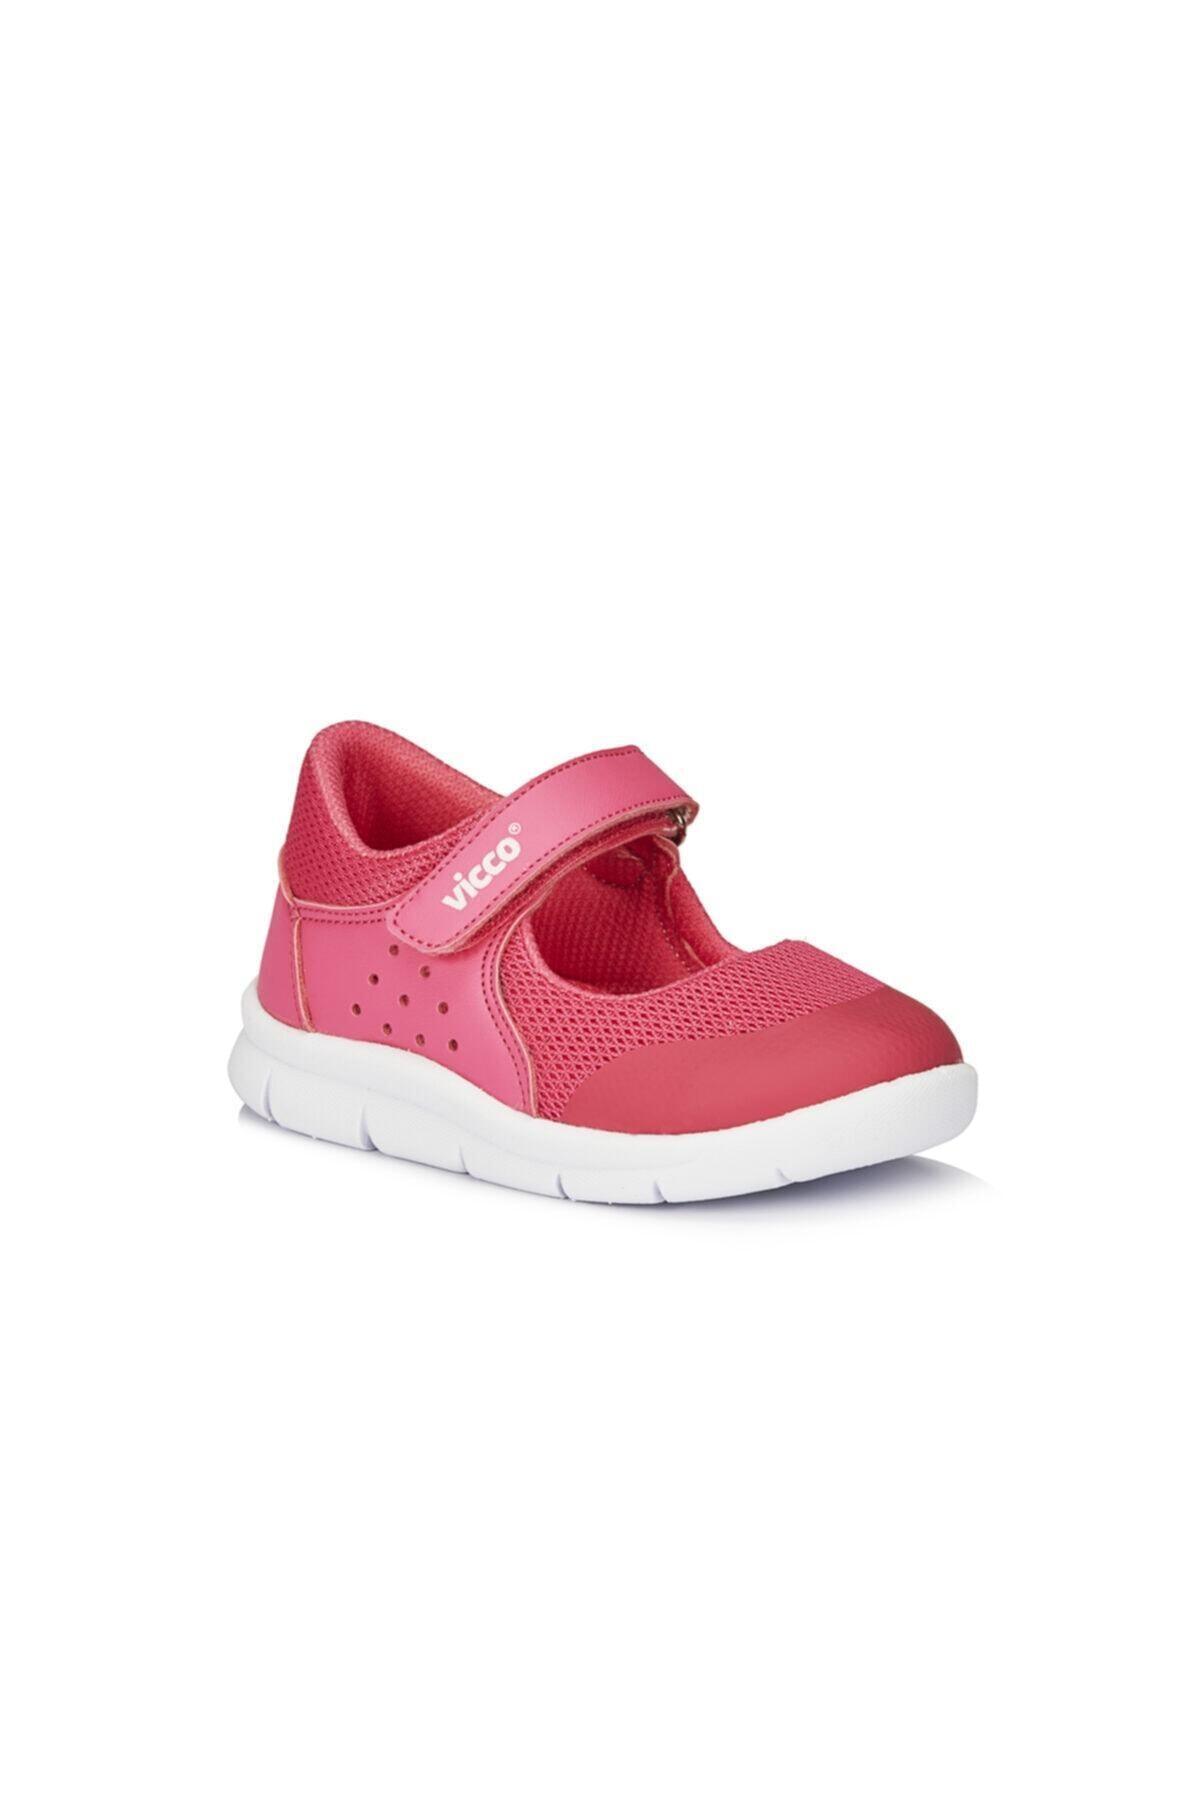 Fuşya Çocuk Ortopedik Babet Ayakkabı